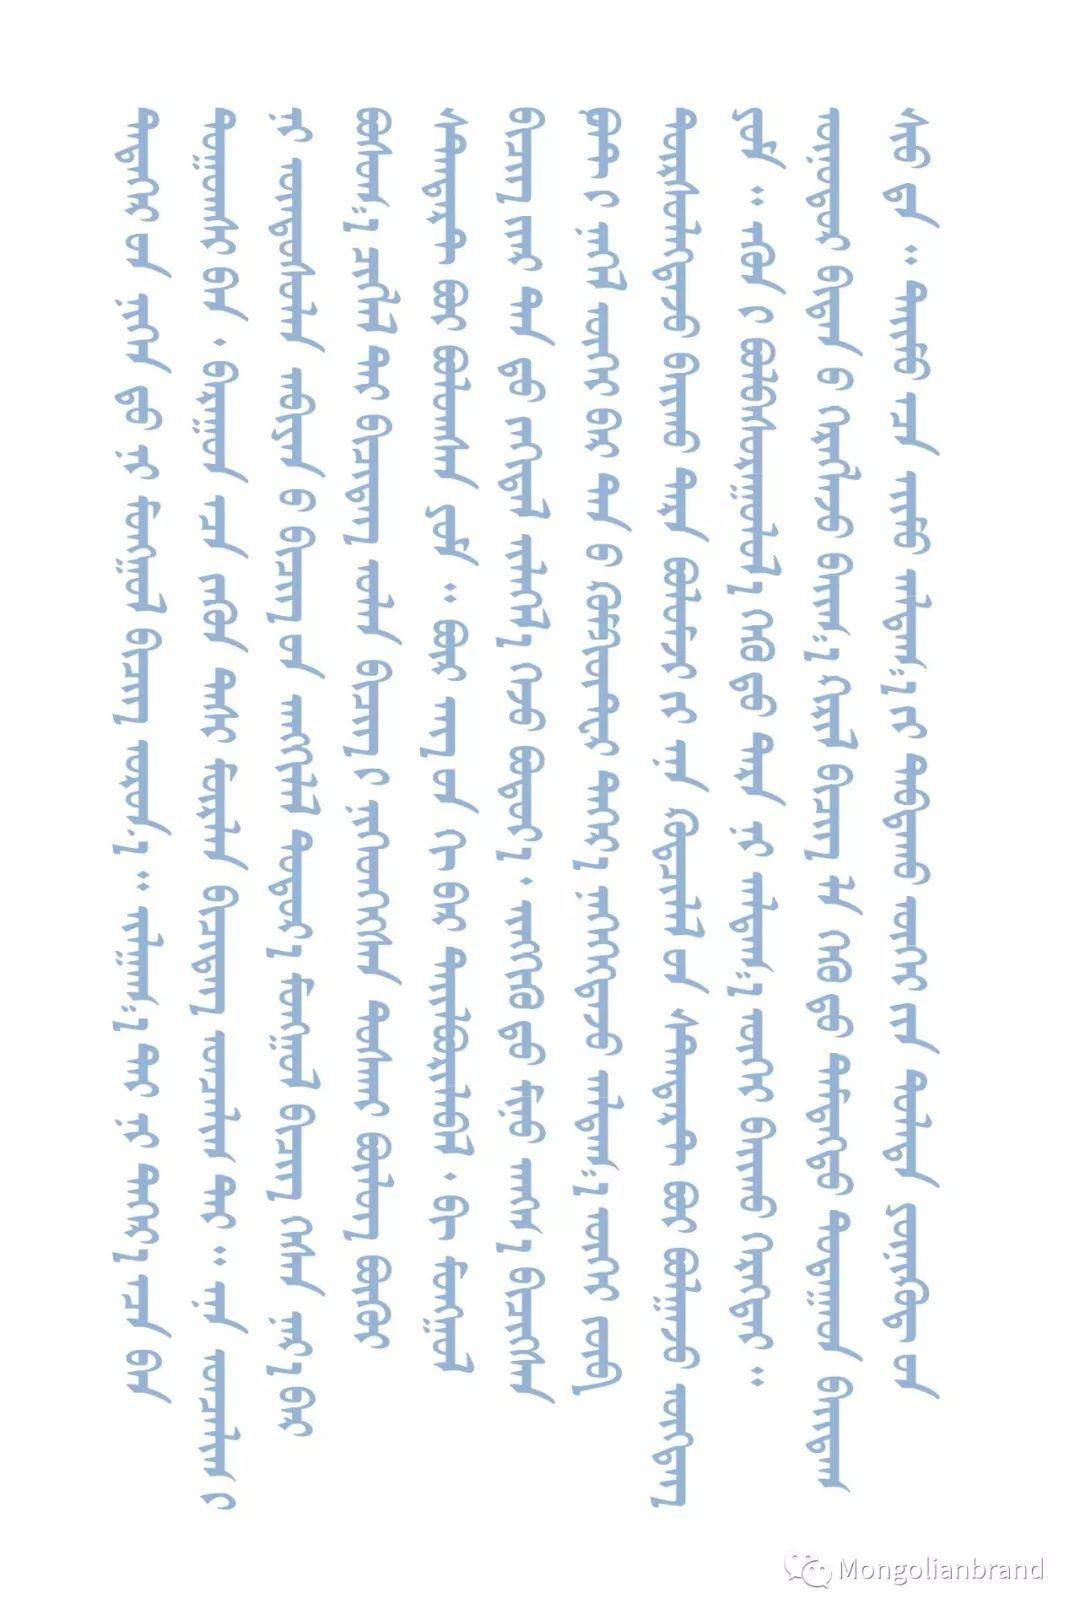 蒙古字体设计专家Jamiyansuren:让每个蒙古人掌握传统蒙古文是我们的终极目标 第8张 蒙古字体设计专家Jamiyansuren:让每个蒙古人掌握传统蒙古文是我们的终极目标 蒙古文化